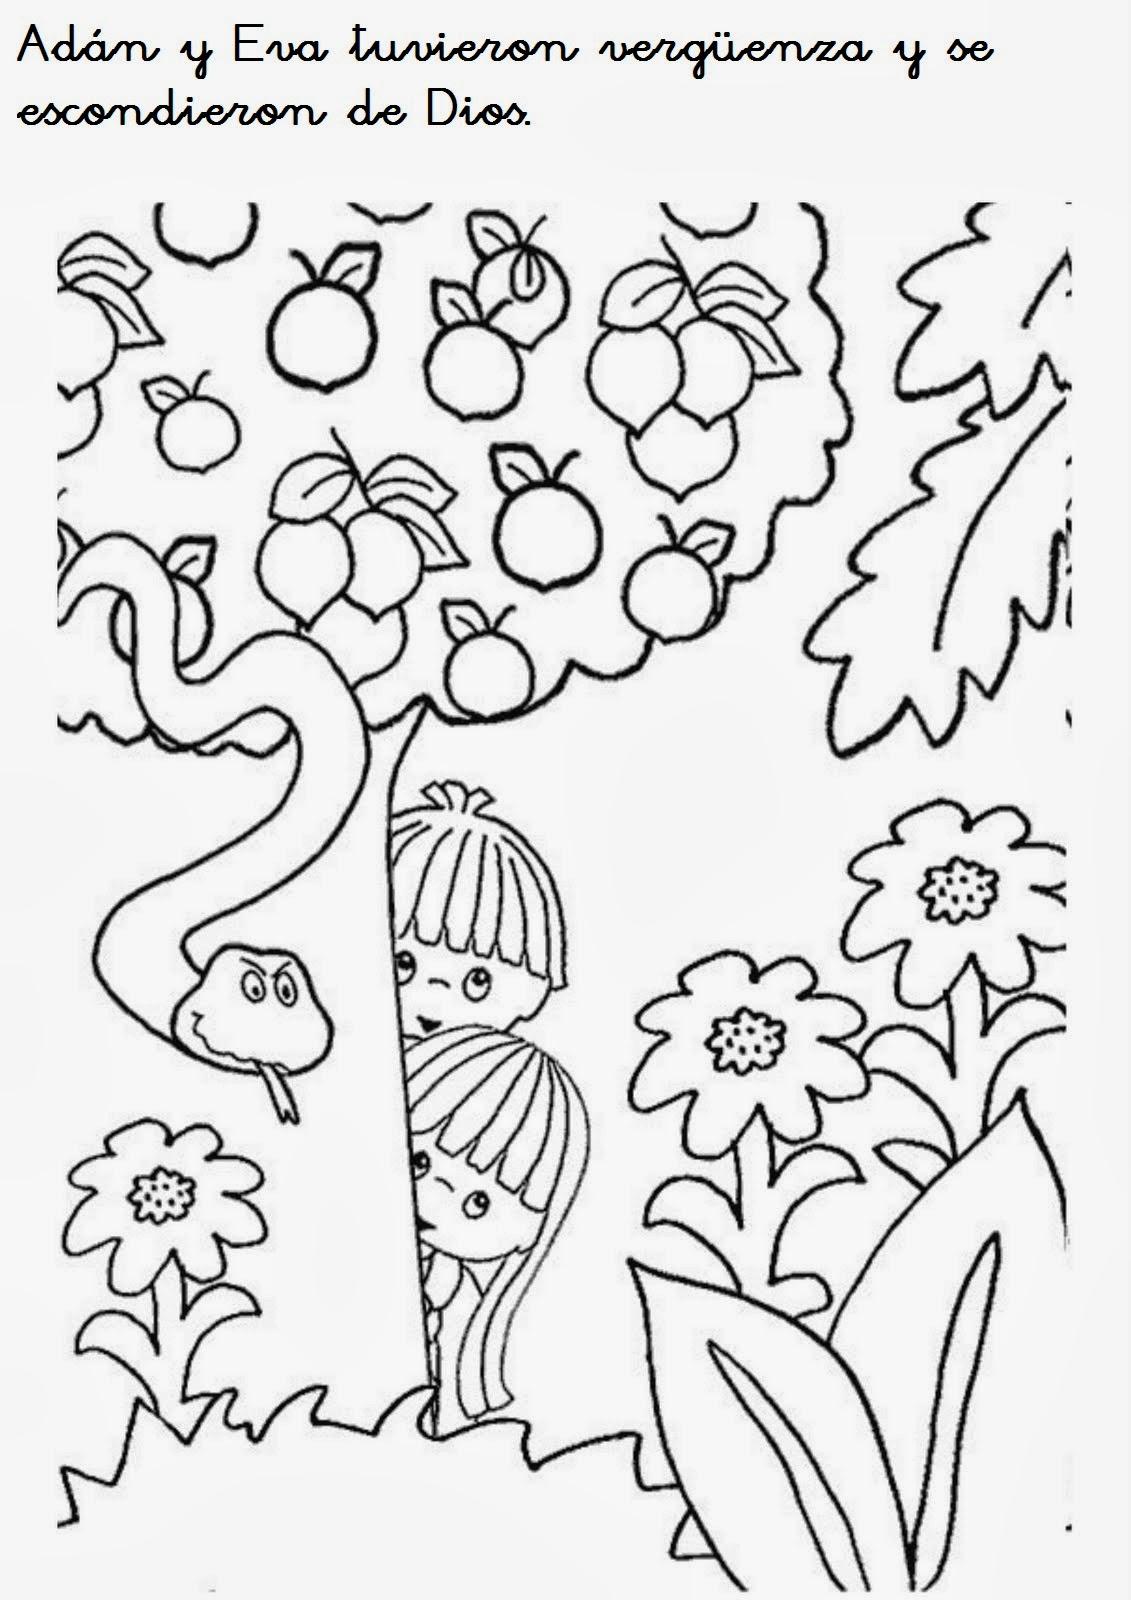 Me aburre la religi n actividades ad n y eva for Adan y eva en el jardin del eden para colorear